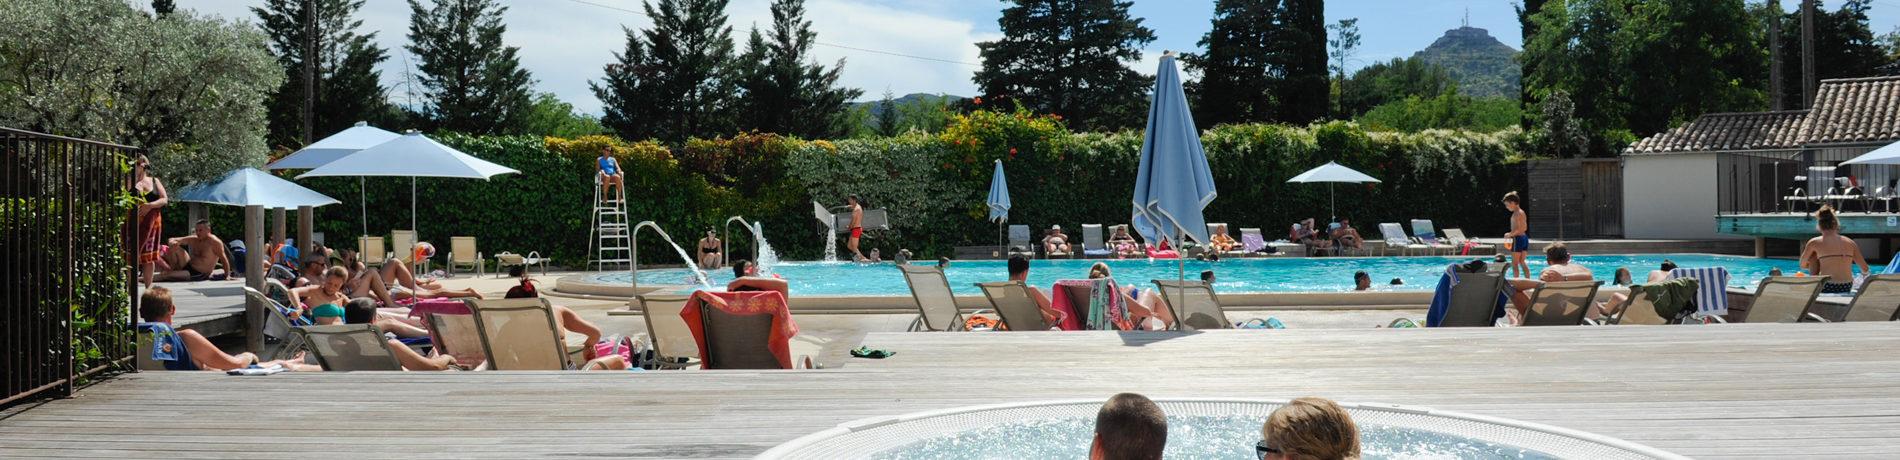 Camping Le Soleil Vivarais in Ruoms is een gezellige familiecamping met veel activiteiten en gelegen aan de oever van de rivier de Ardèche in de Rhône-Alpes.